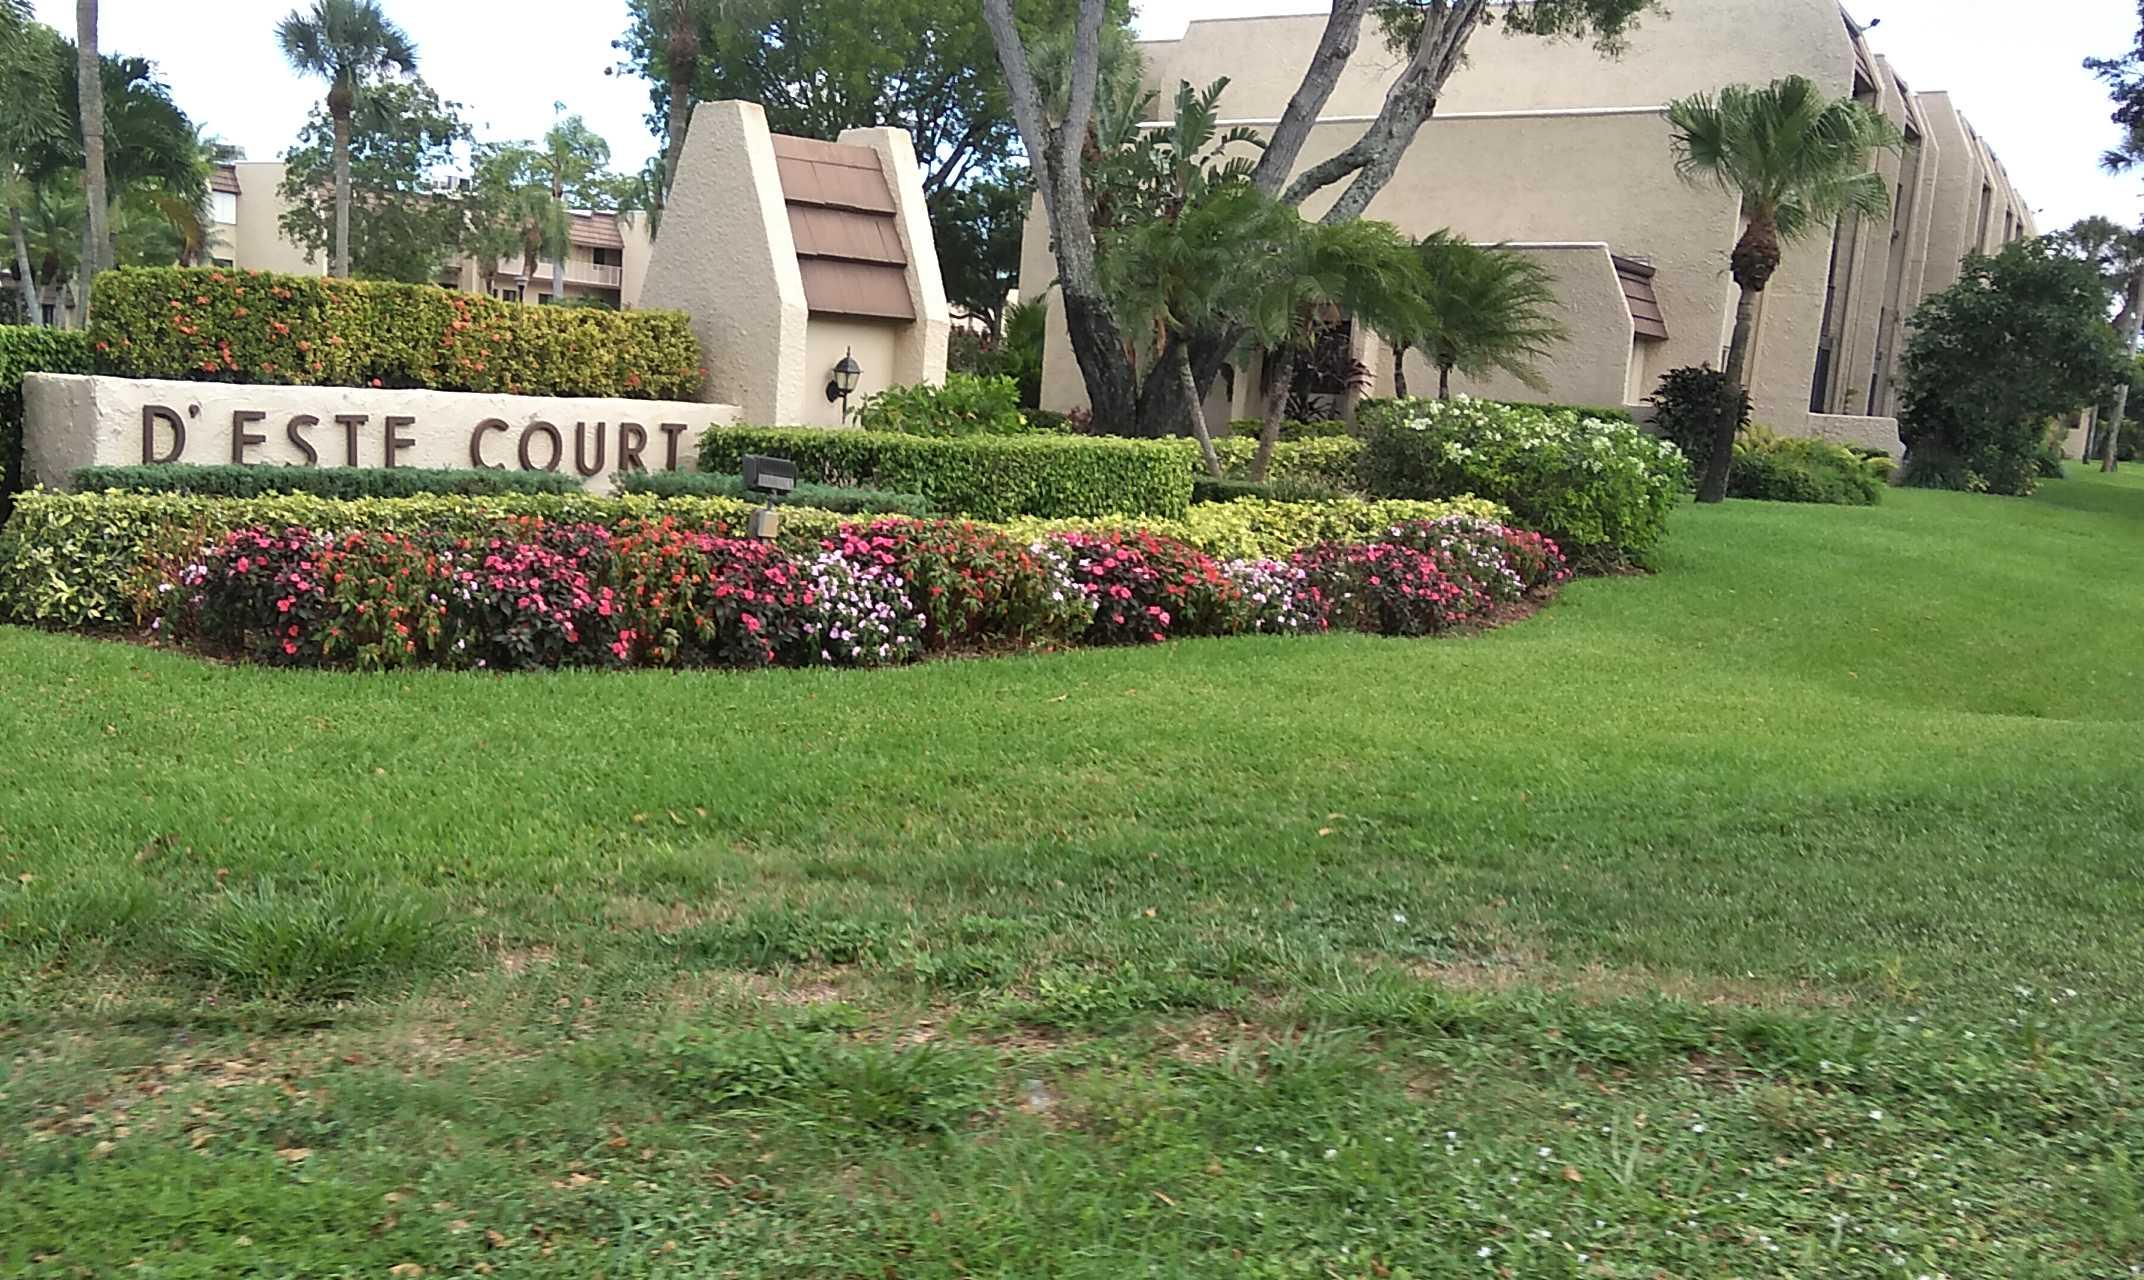 4242 Deste Court 102 Lake Worth, FL 33467